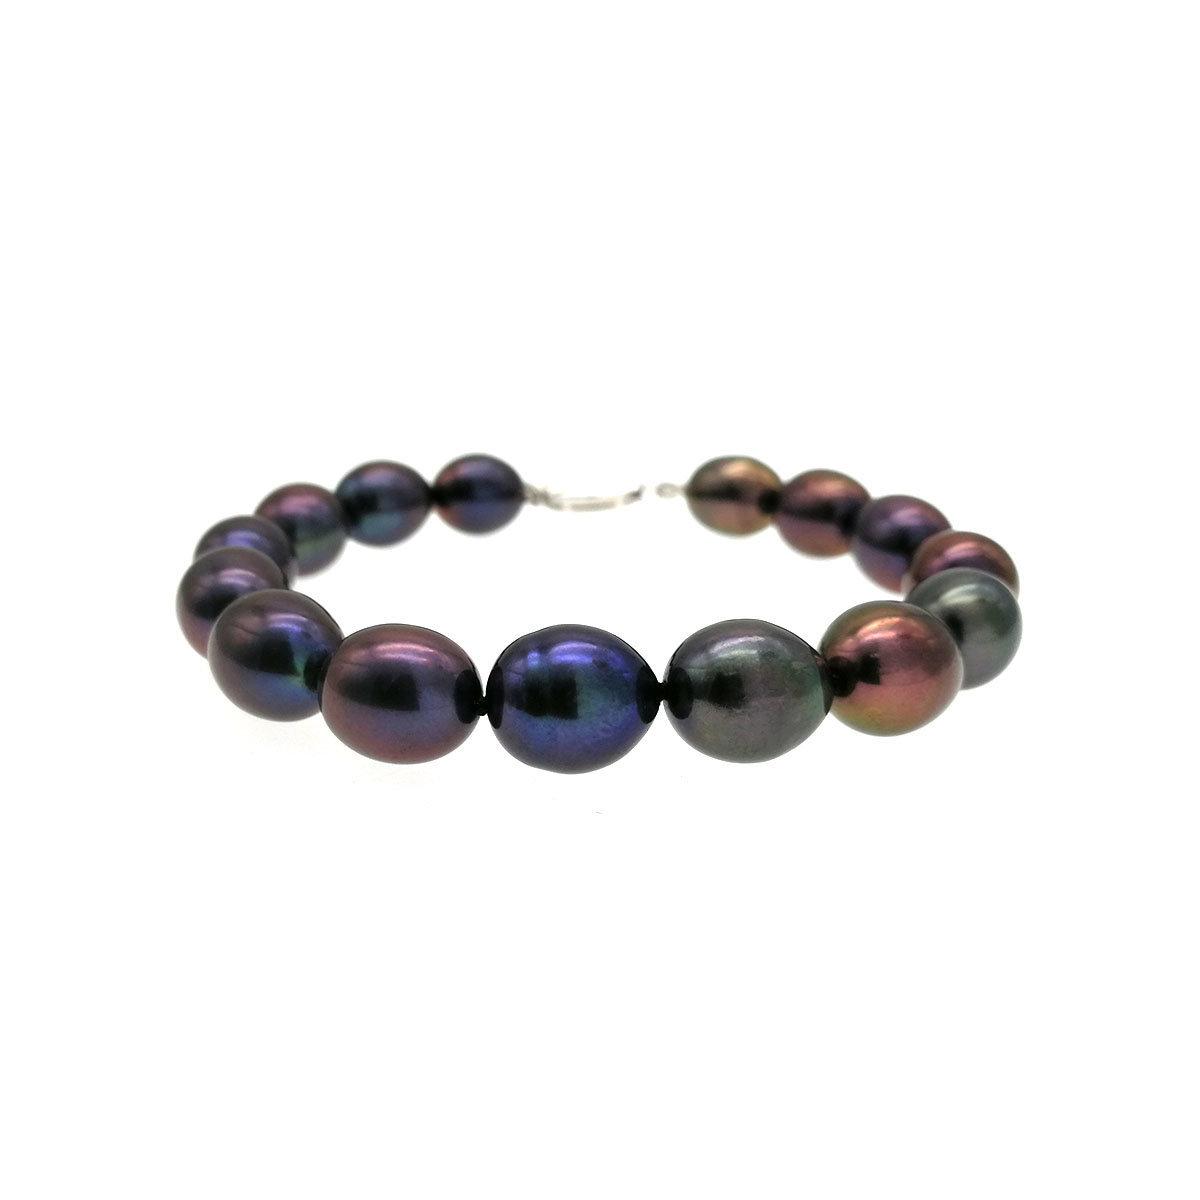 Night Sky- 10-11mm Oval Shape Cultured Fresh Water Pearl Bracelet